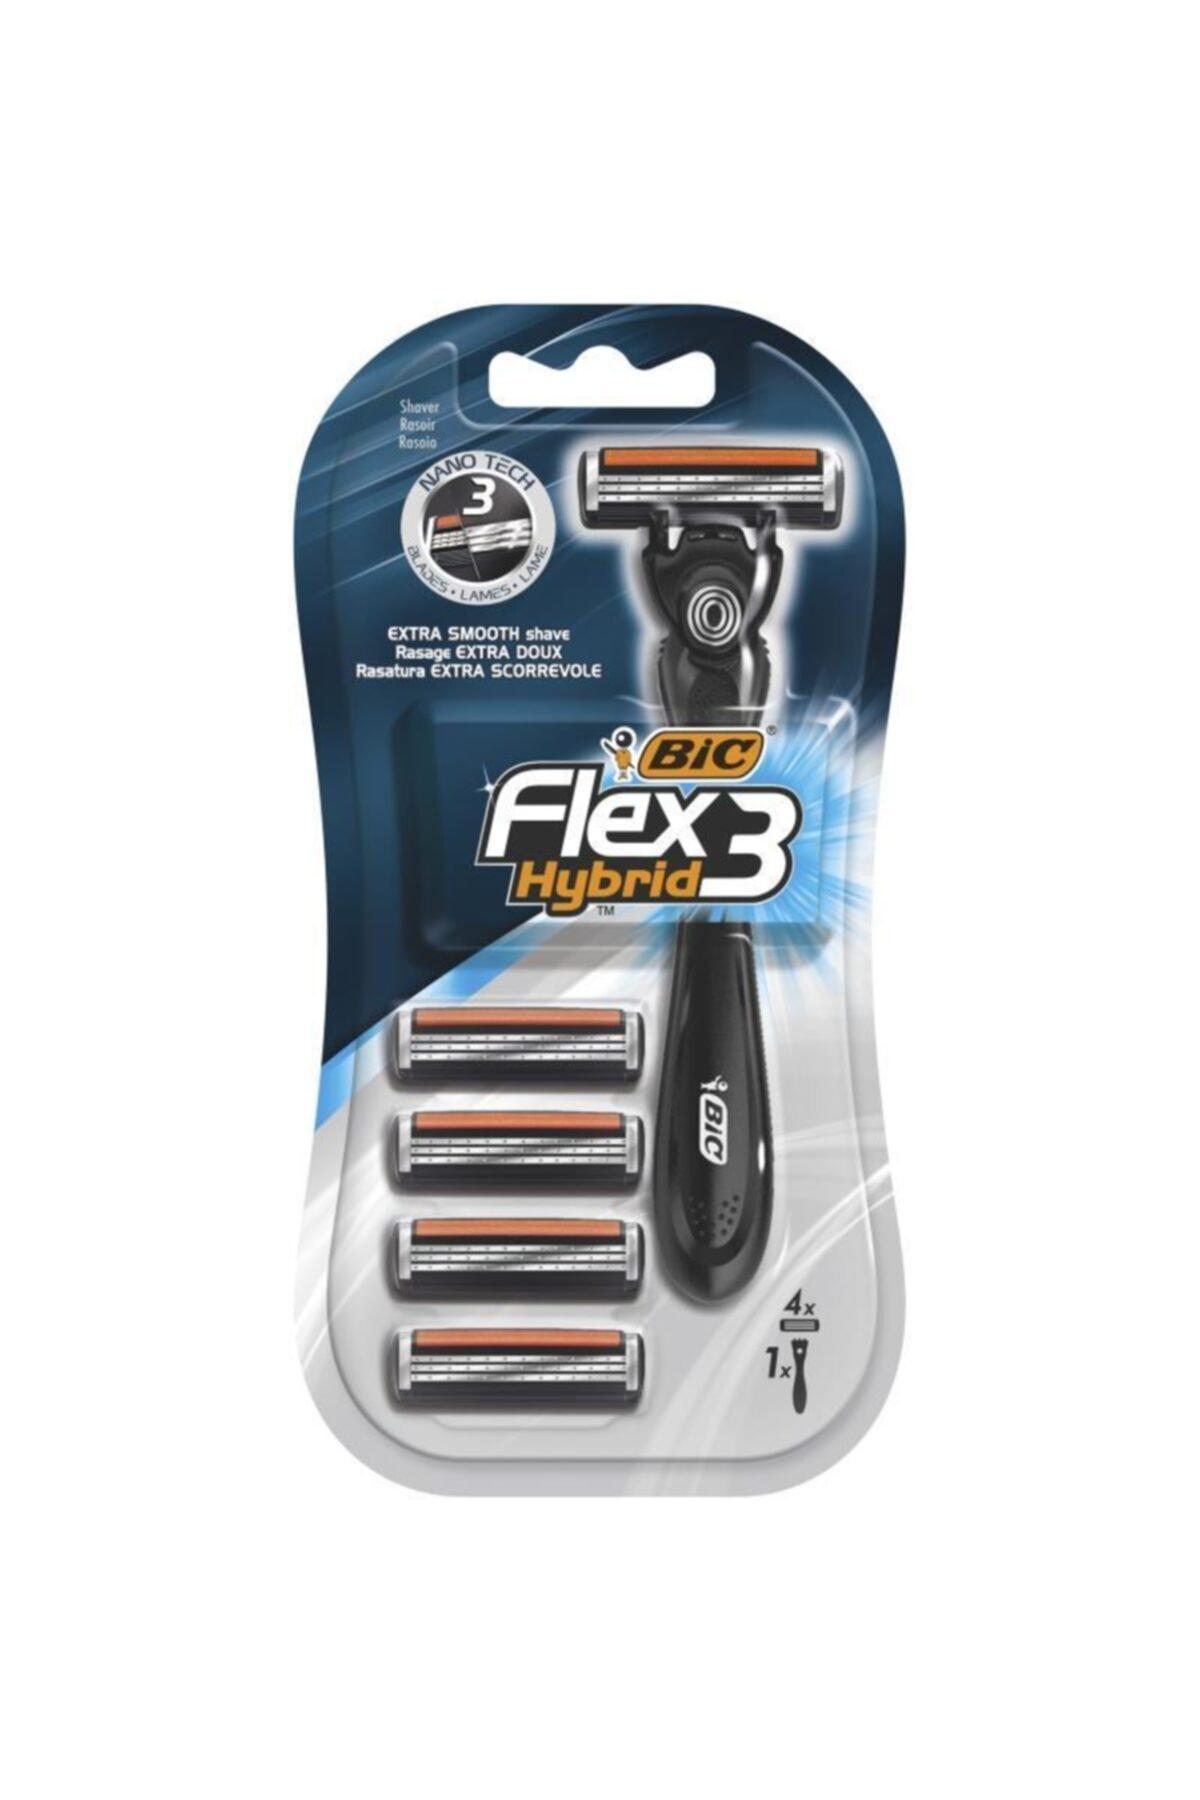 Bic Flex 3 Hybrid Tıraş Bıçağı 4 Kartuşlu 1